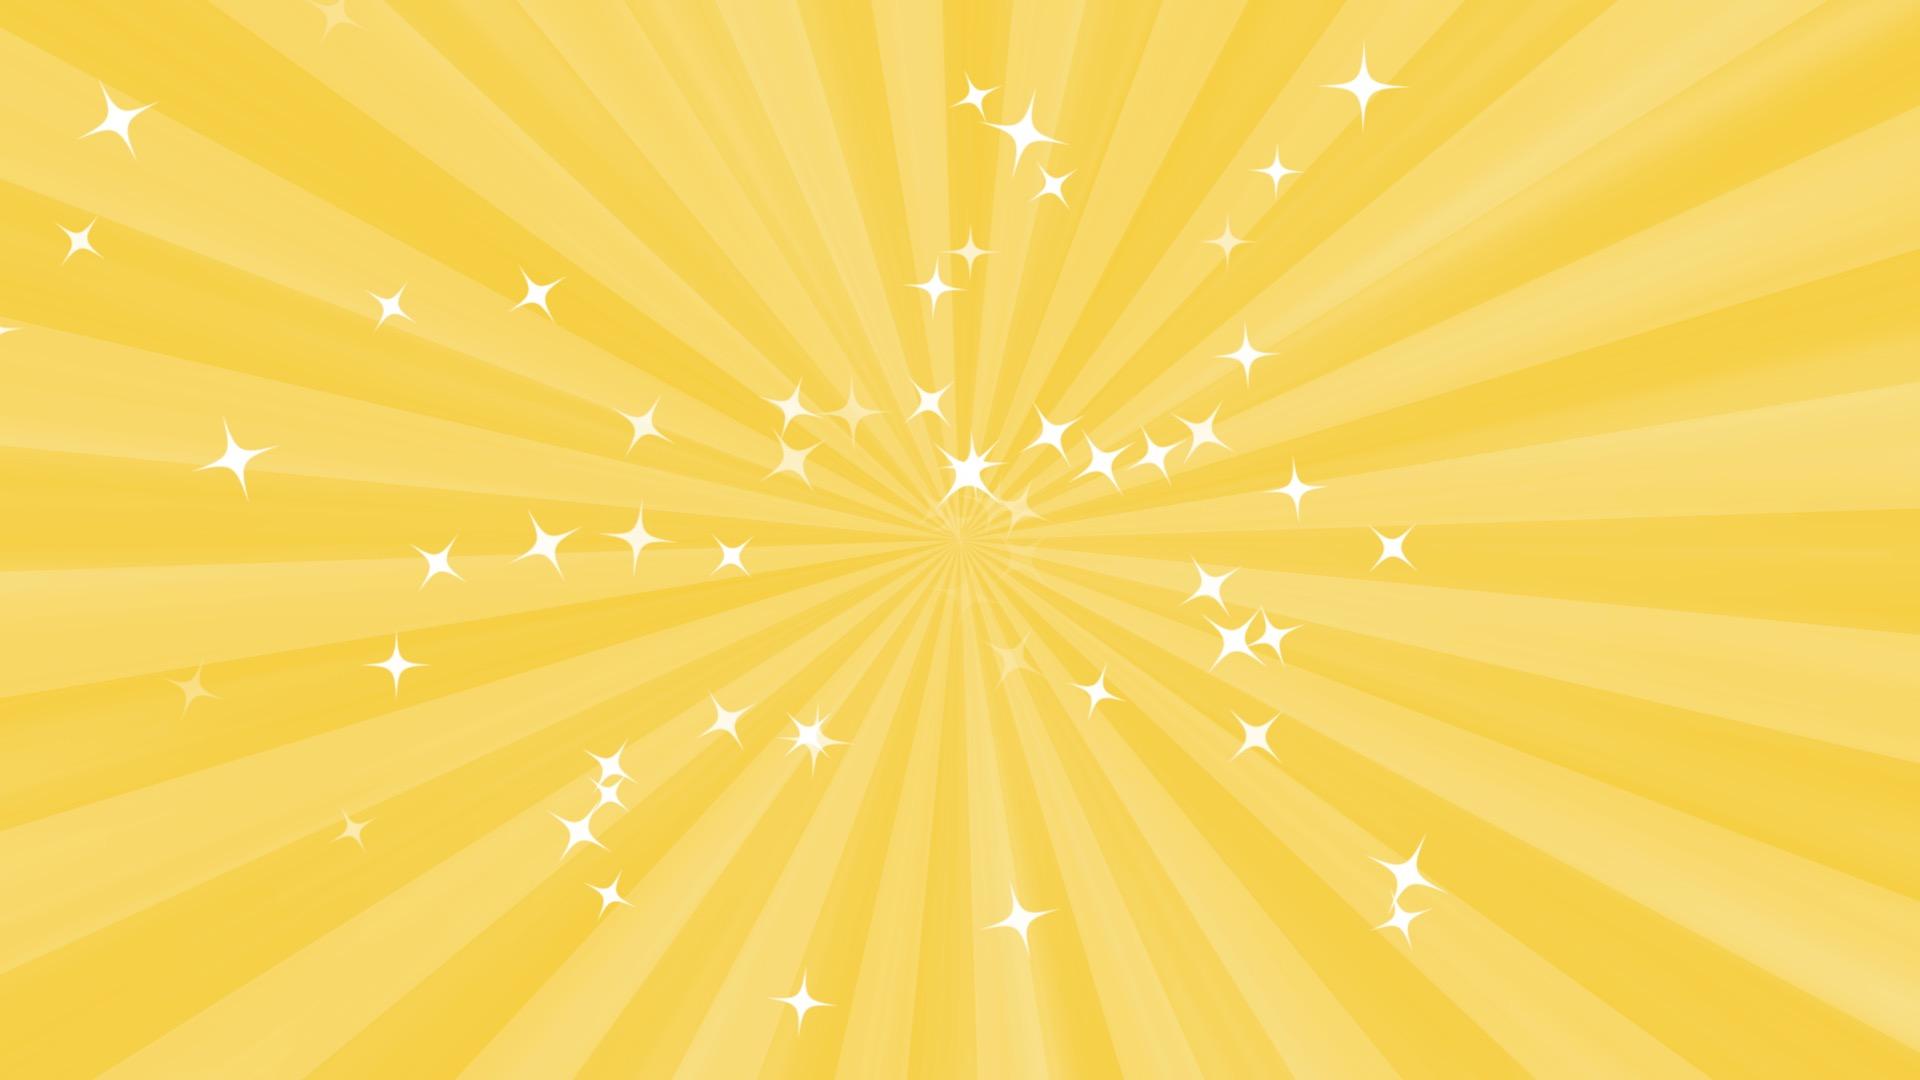 ゴールドの集中線